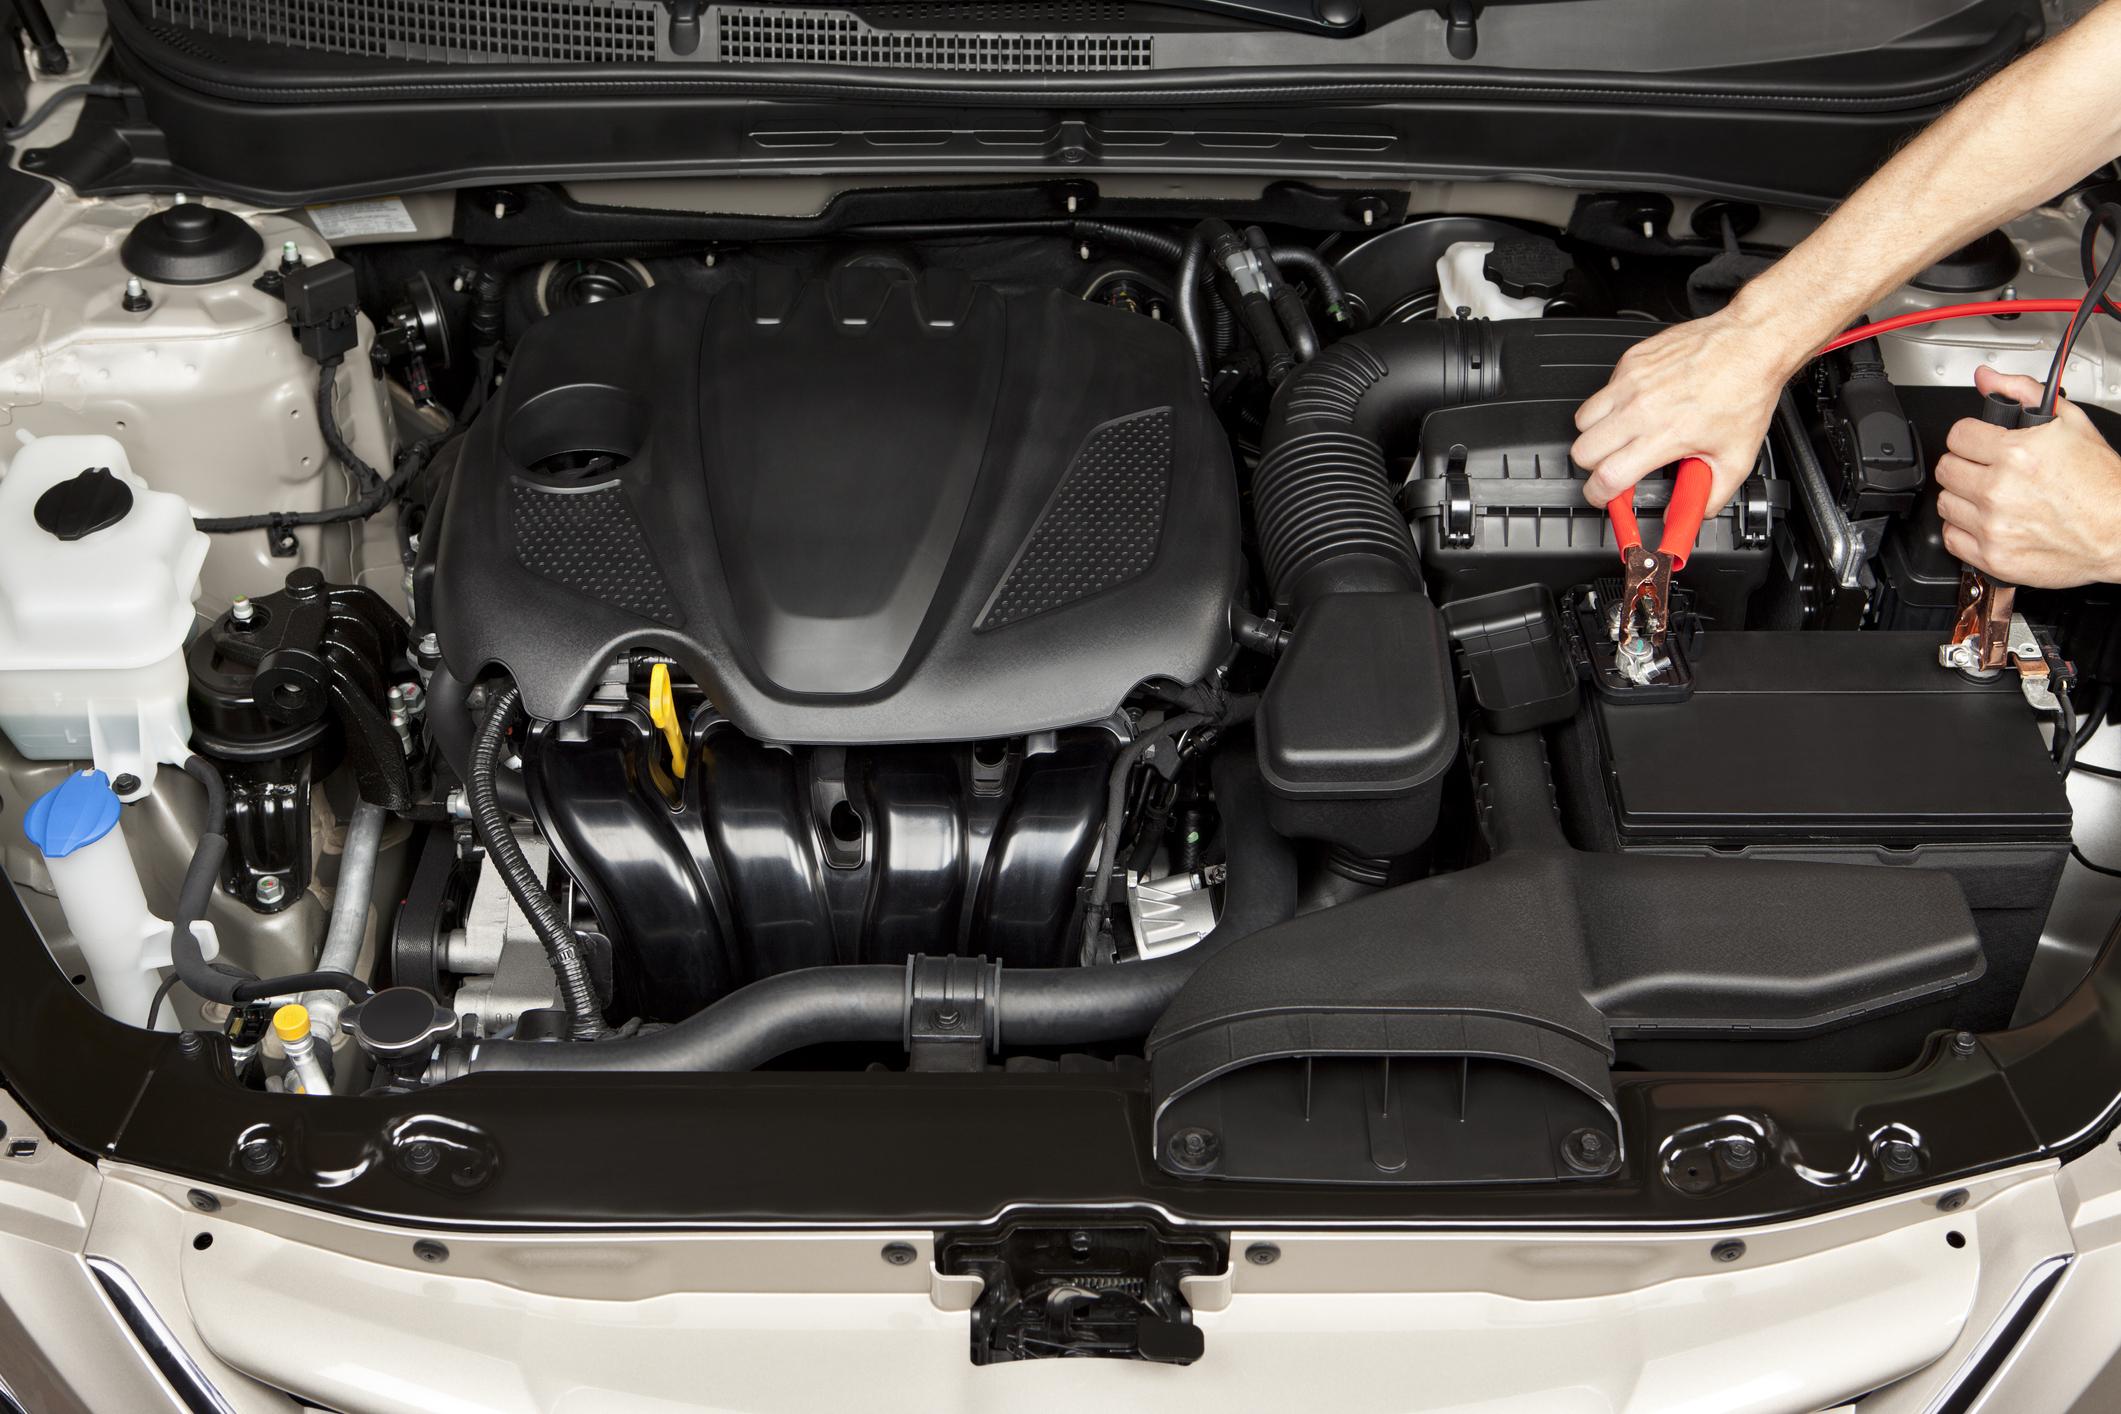 Fase due: precauzioni e consigli per rimettersi al volante senza problemi